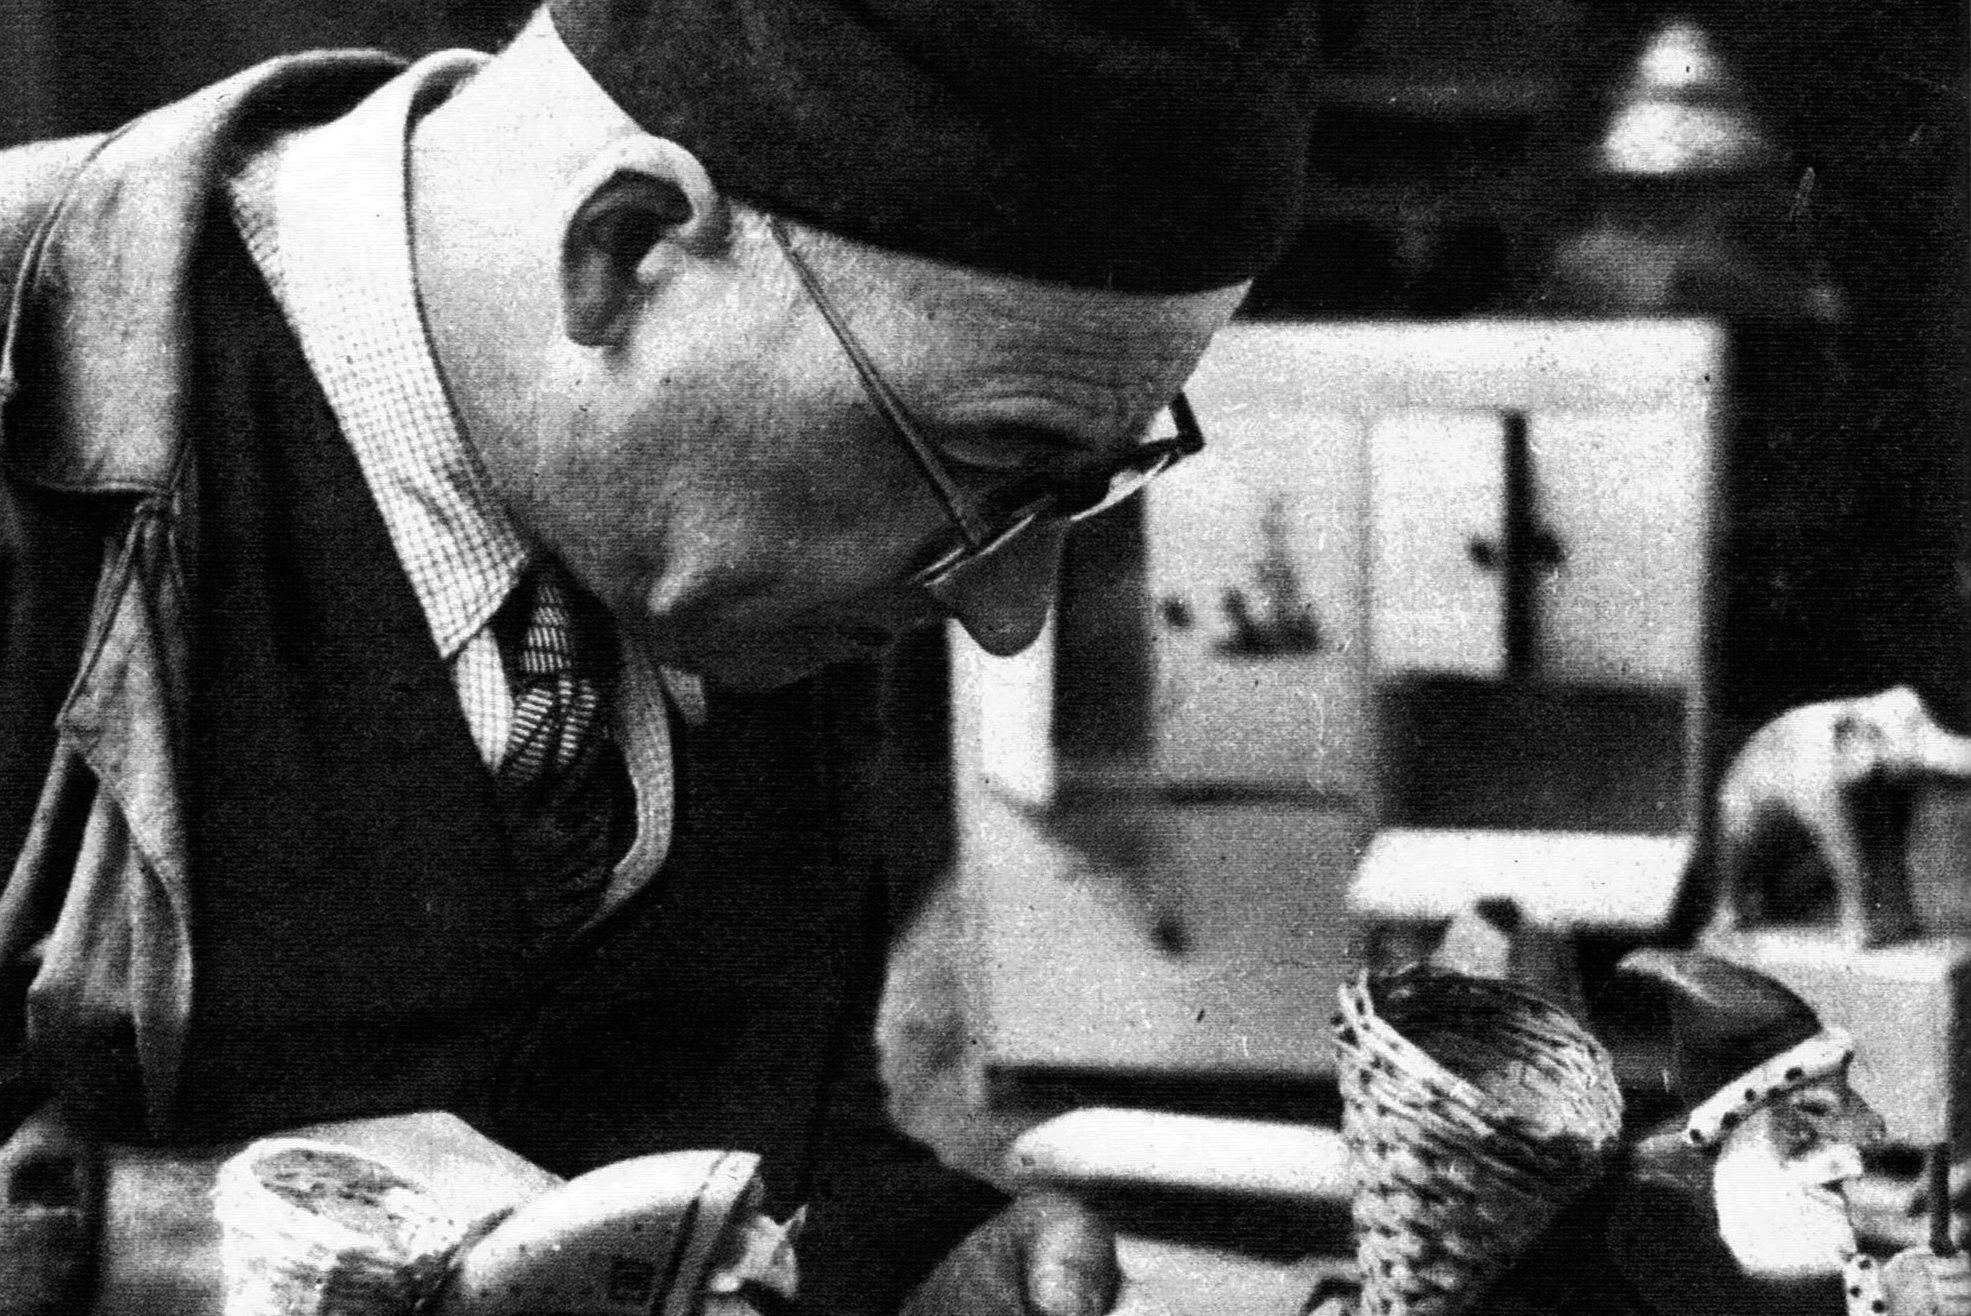 Foto di Bendandi nel 1952 mentre crea un giocattolo in legno